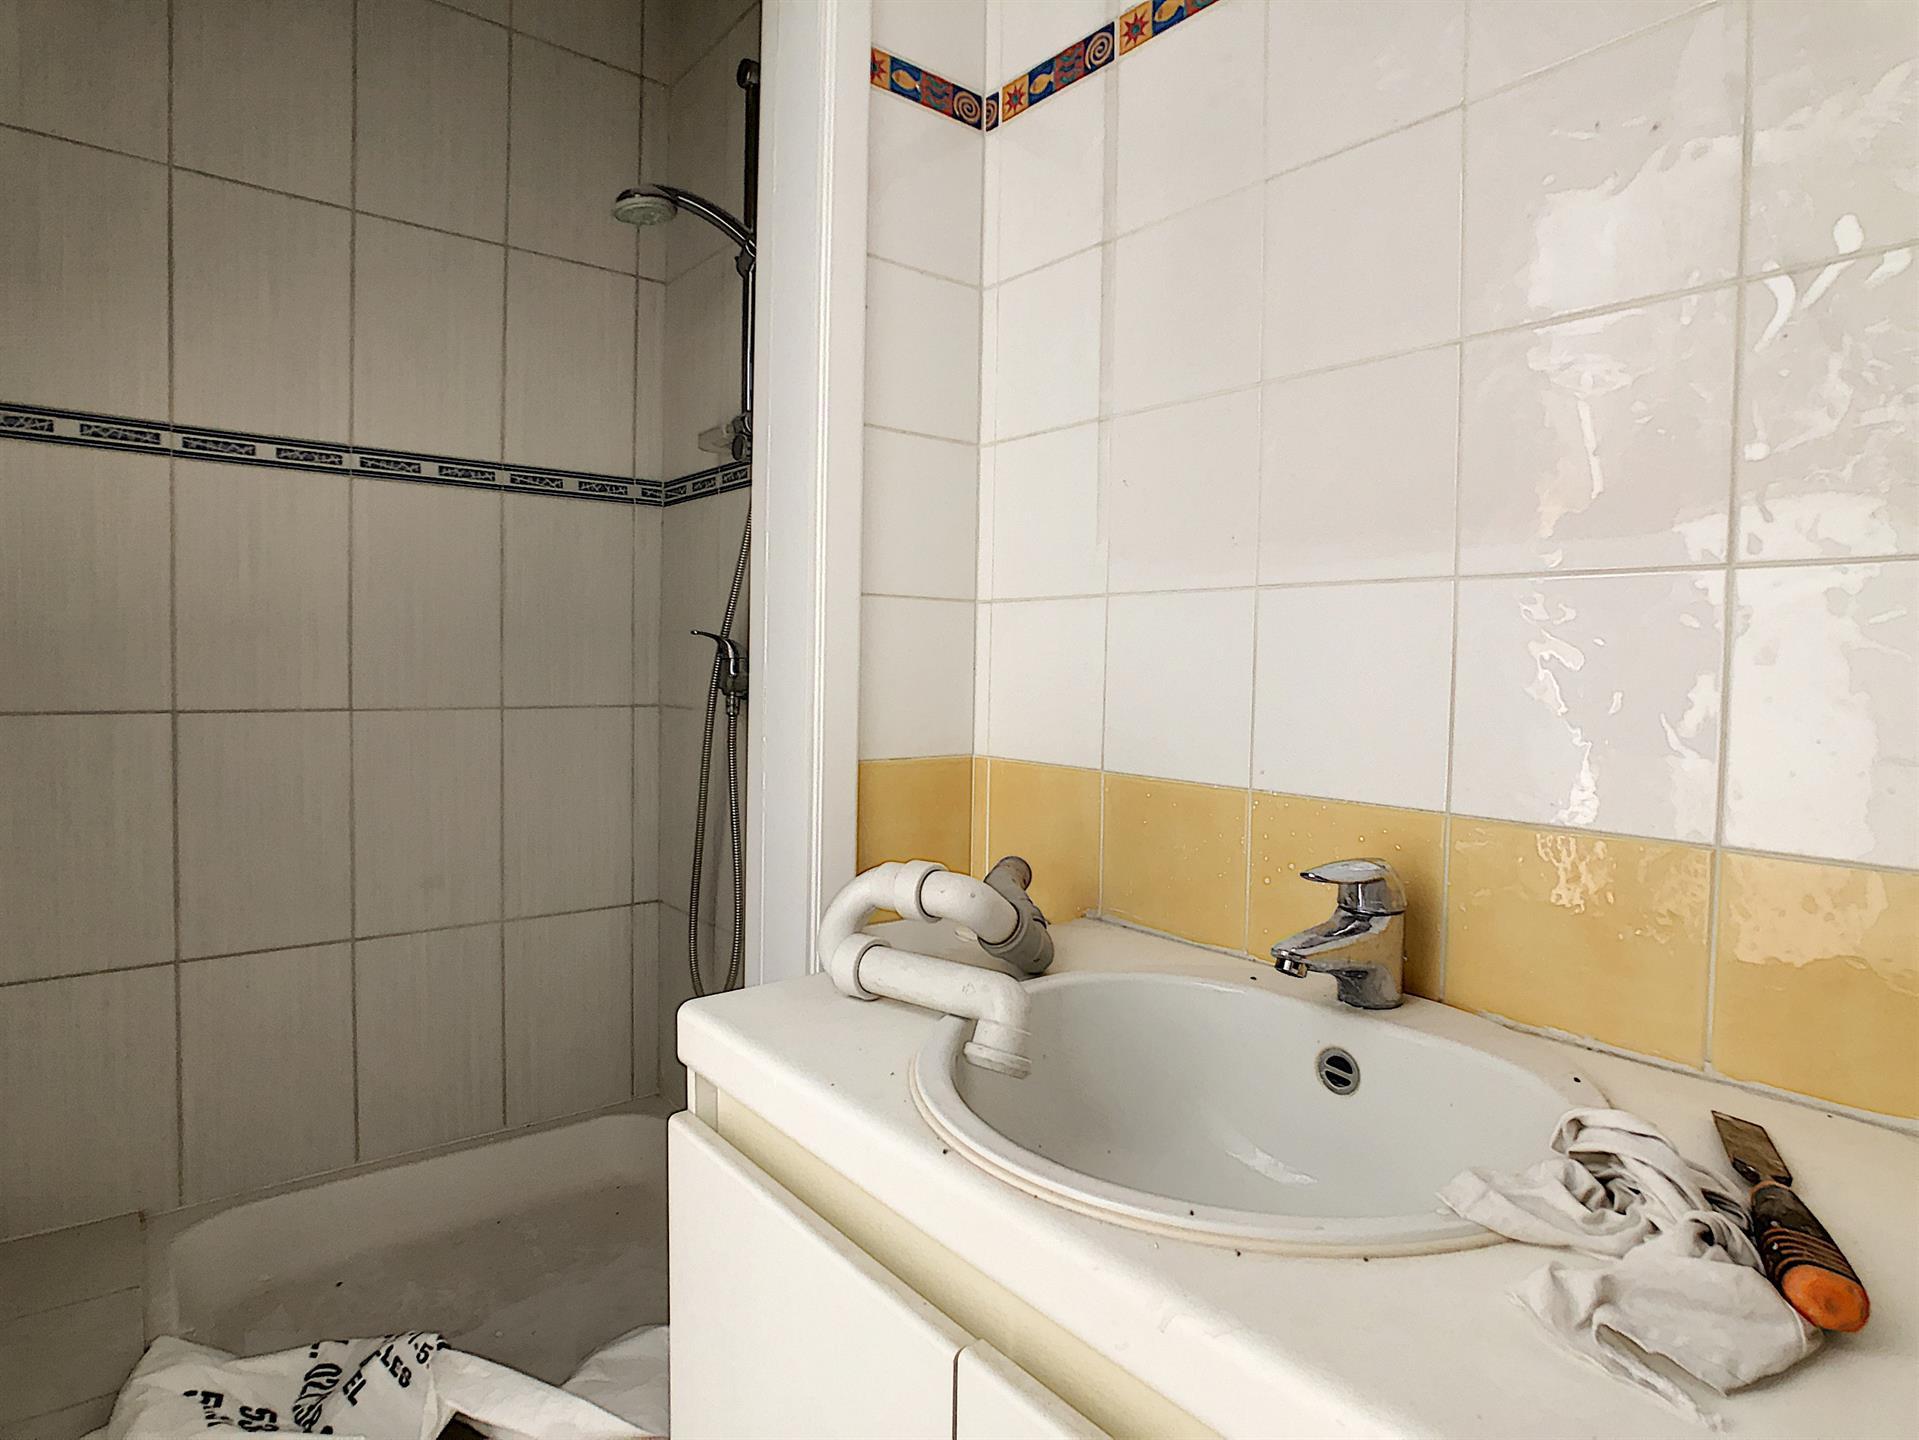 Appartement - Bruxelles - #4499215-12